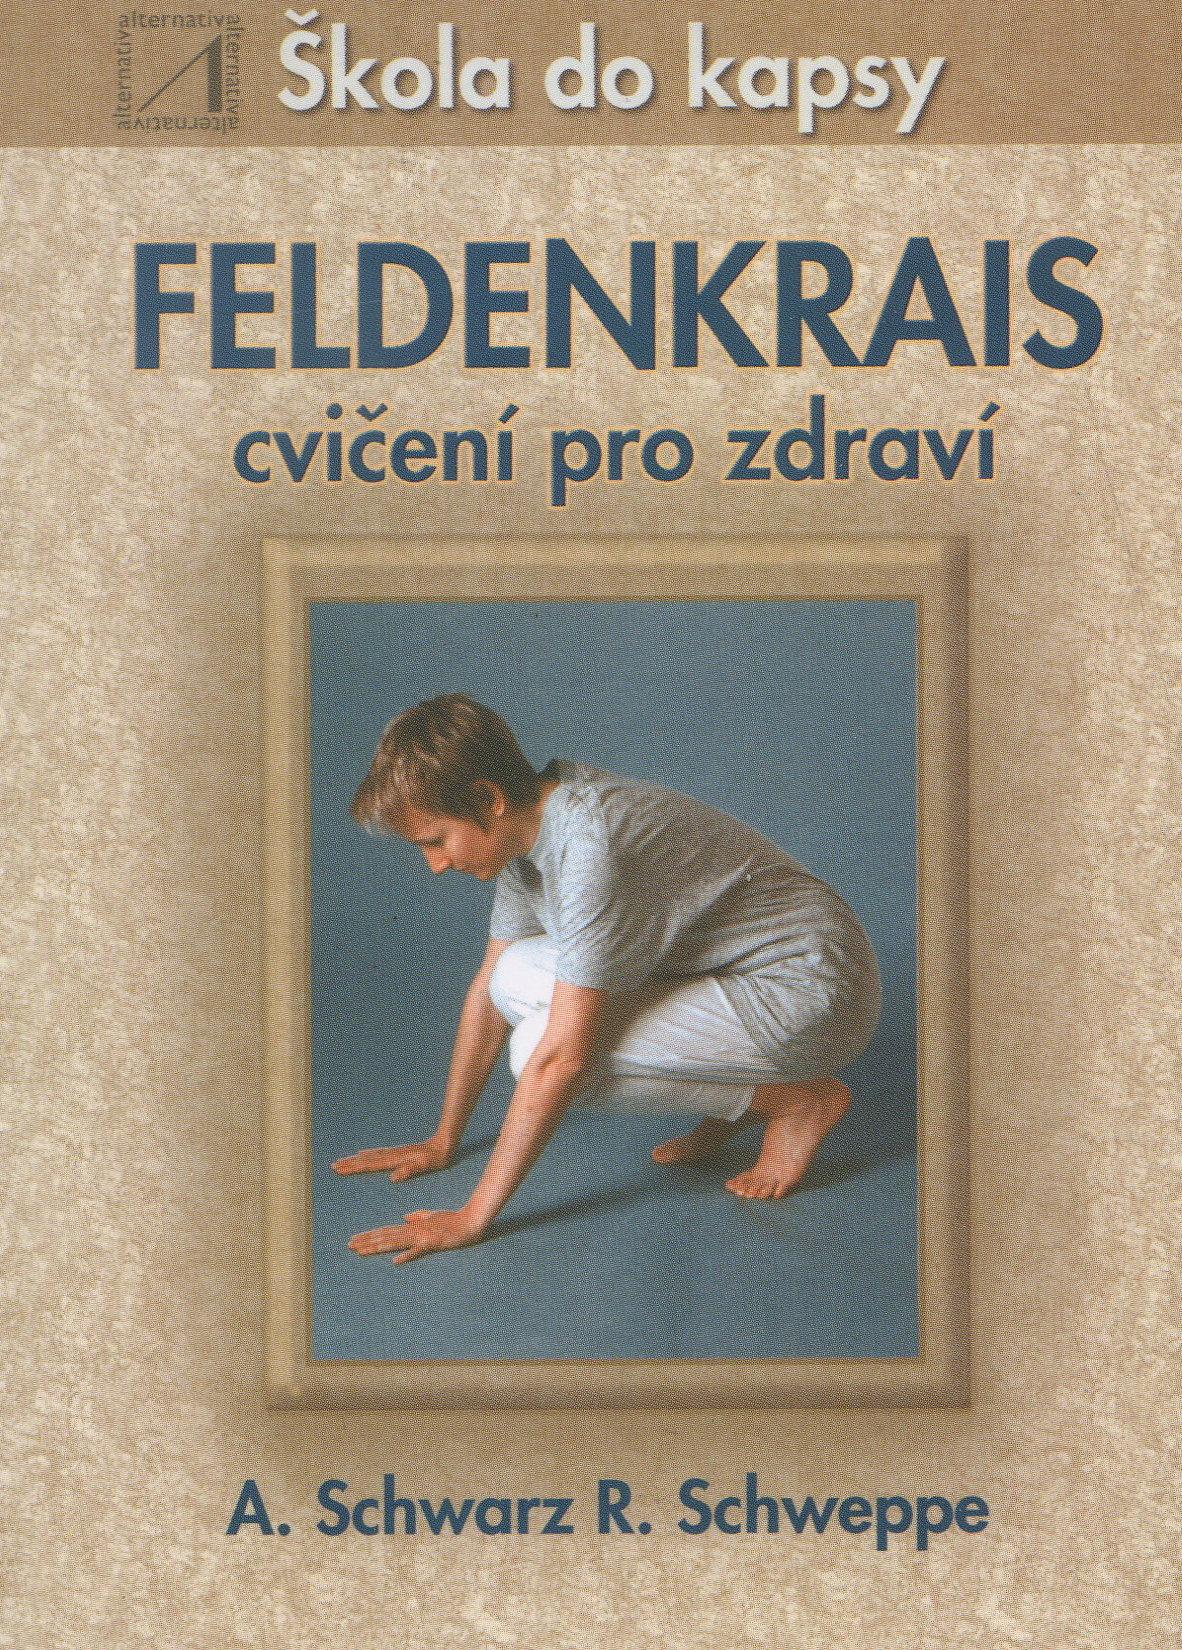 Feldenkrais - cvičení pro zdraví